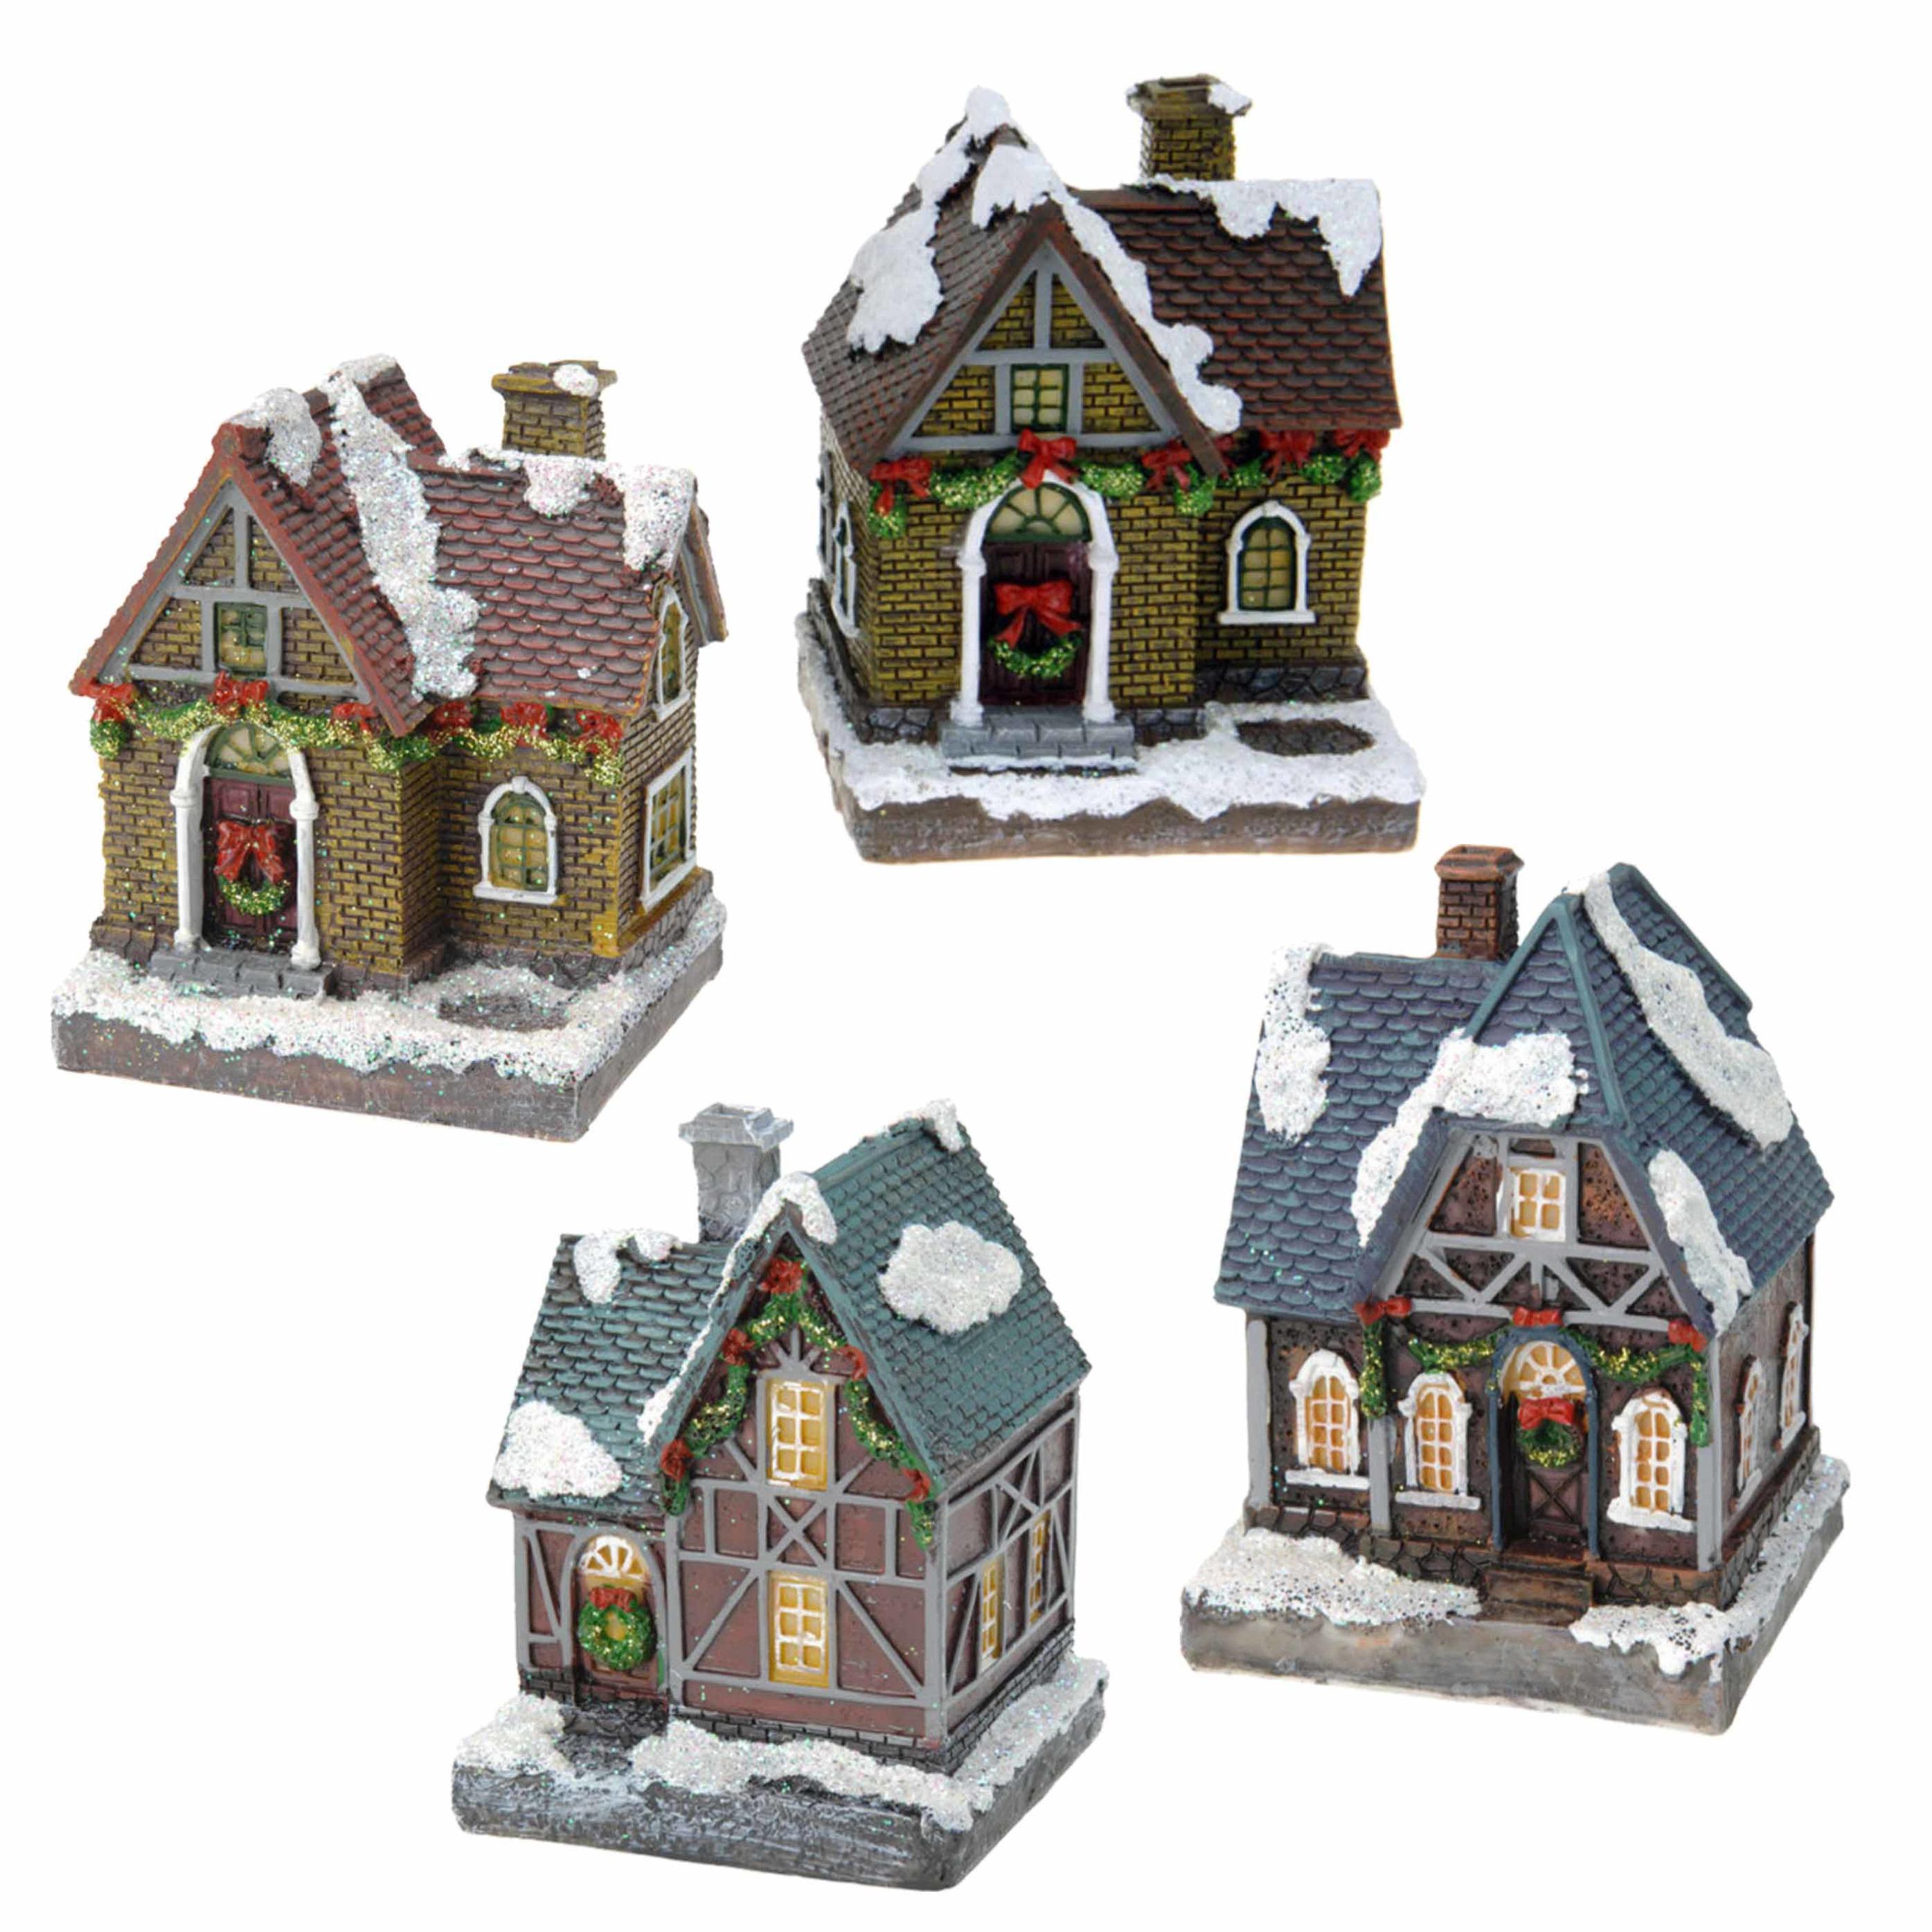 Kerstdorp huisjes set van 4x huisjes met led verlichting 13 5 cm 10241798